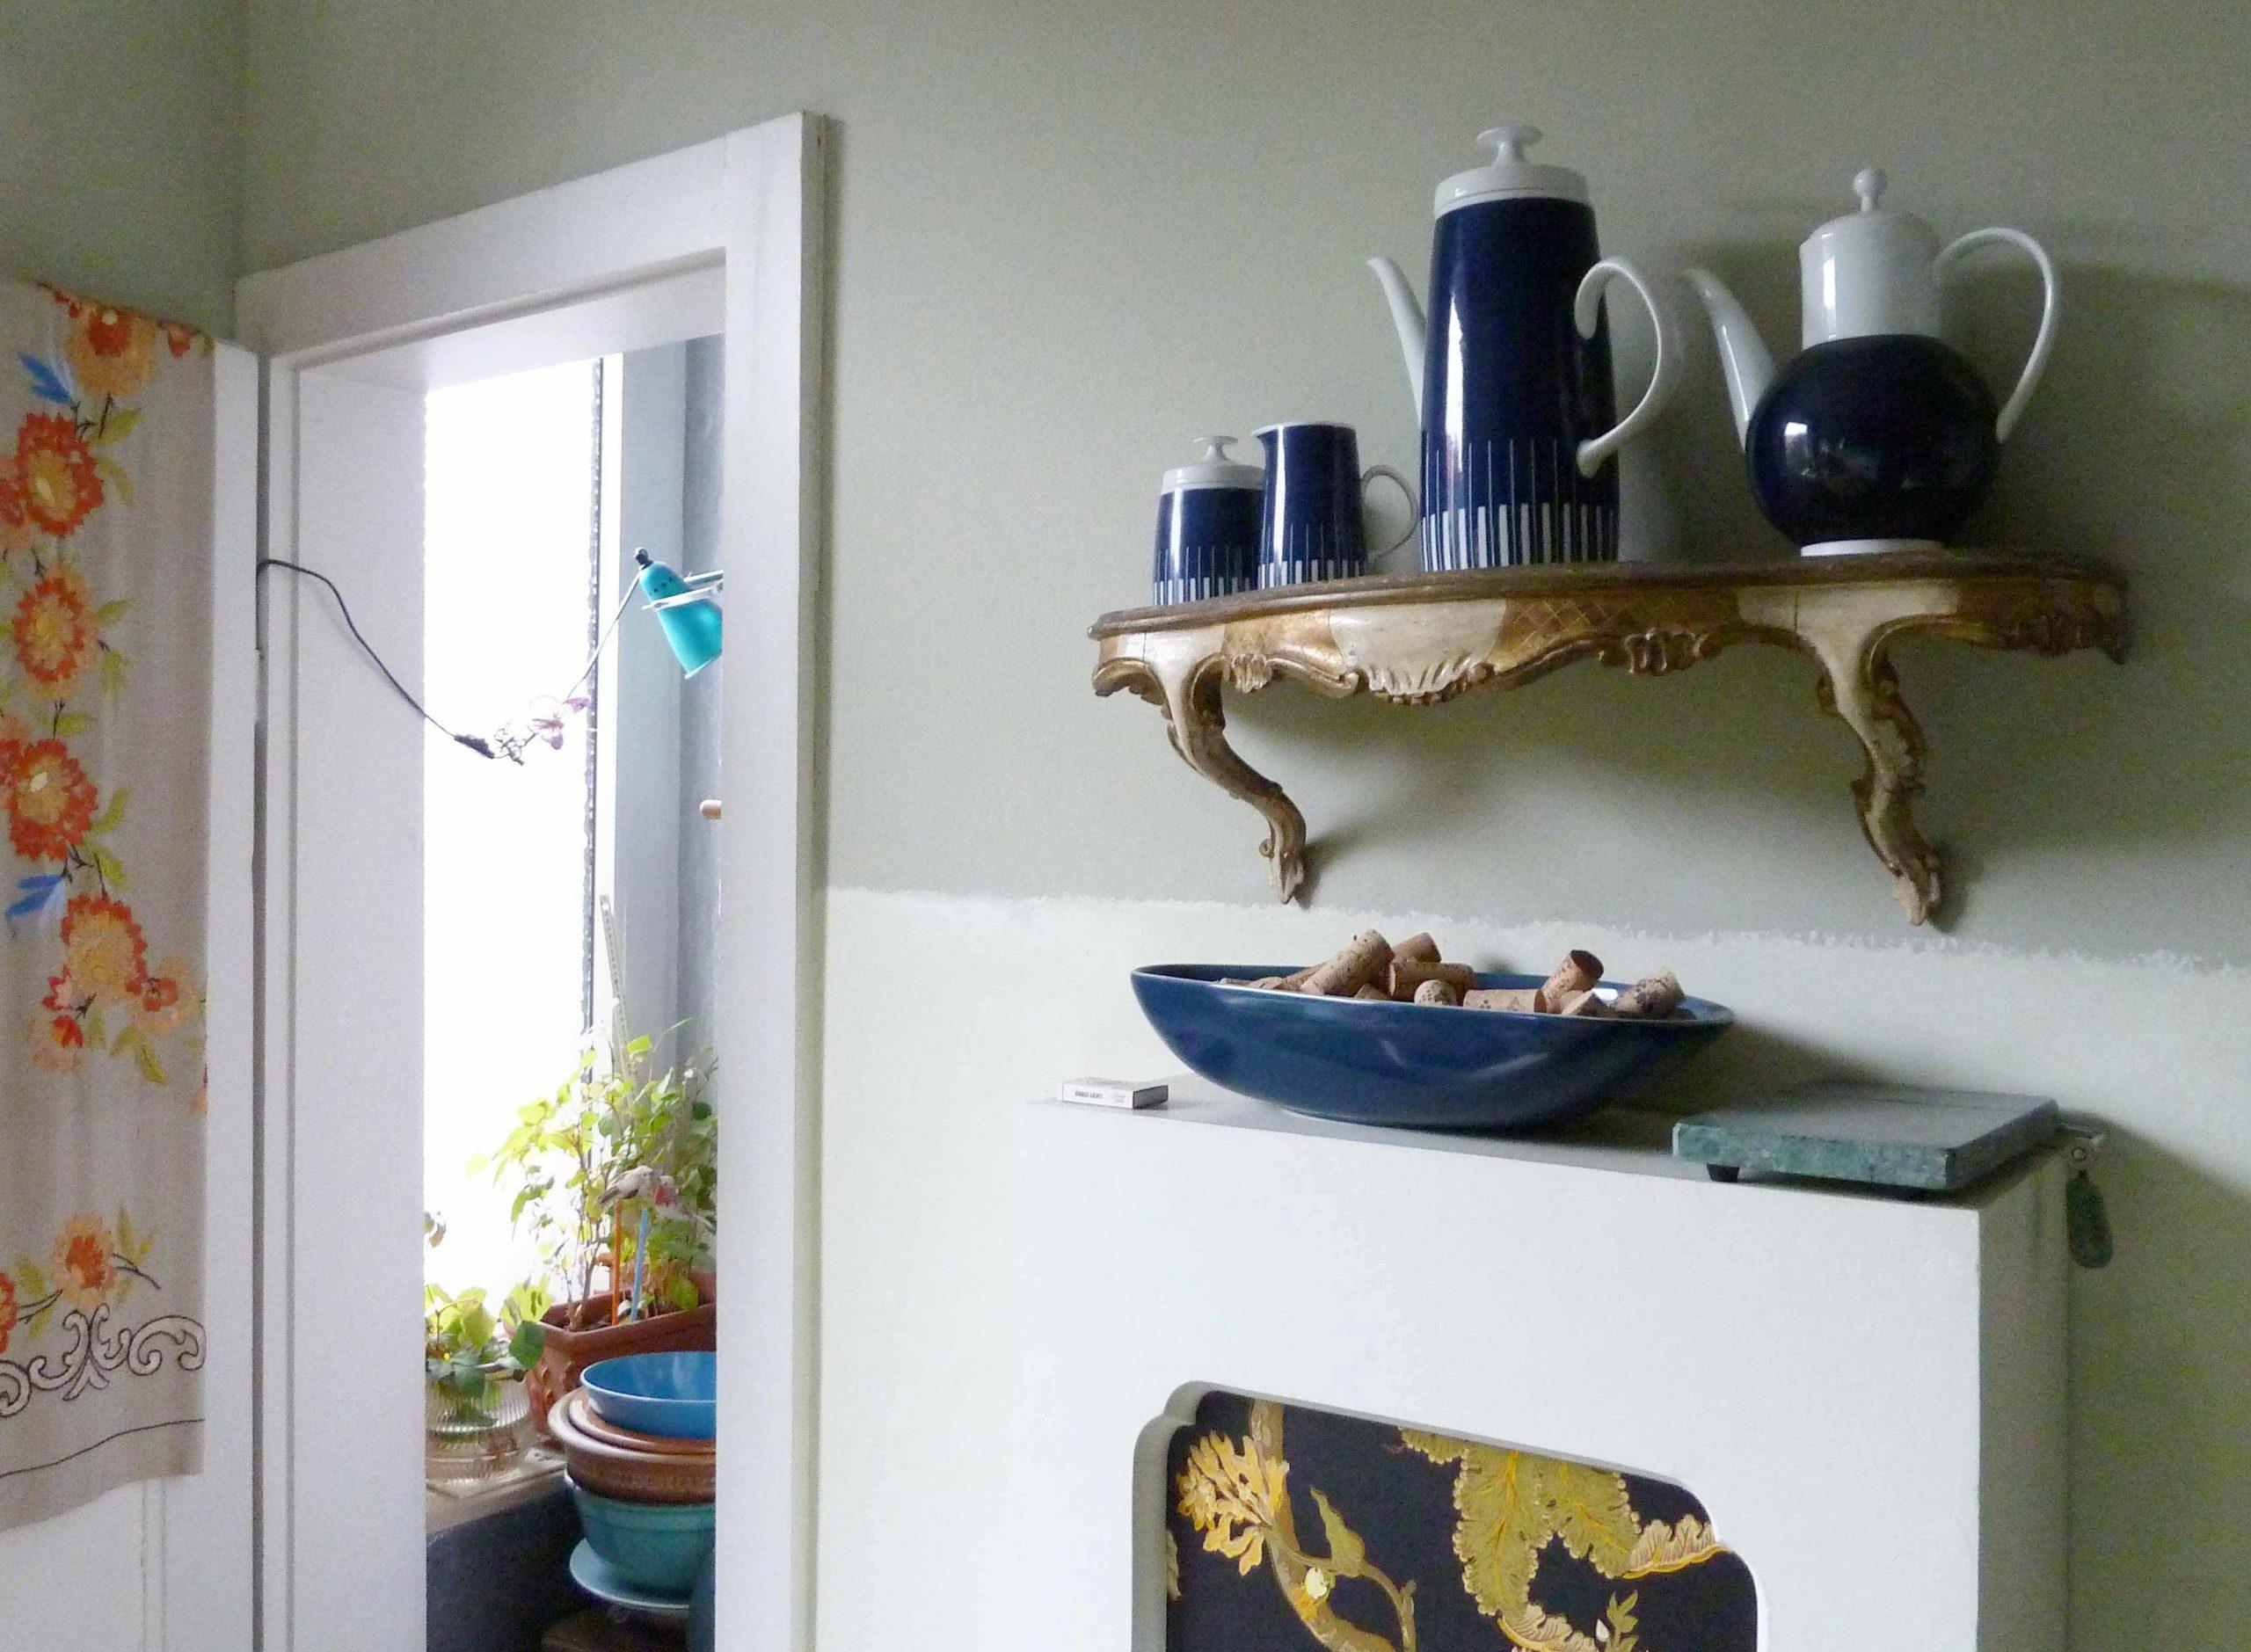 Ansicht der Küche mit Speisekammer und Teekannen